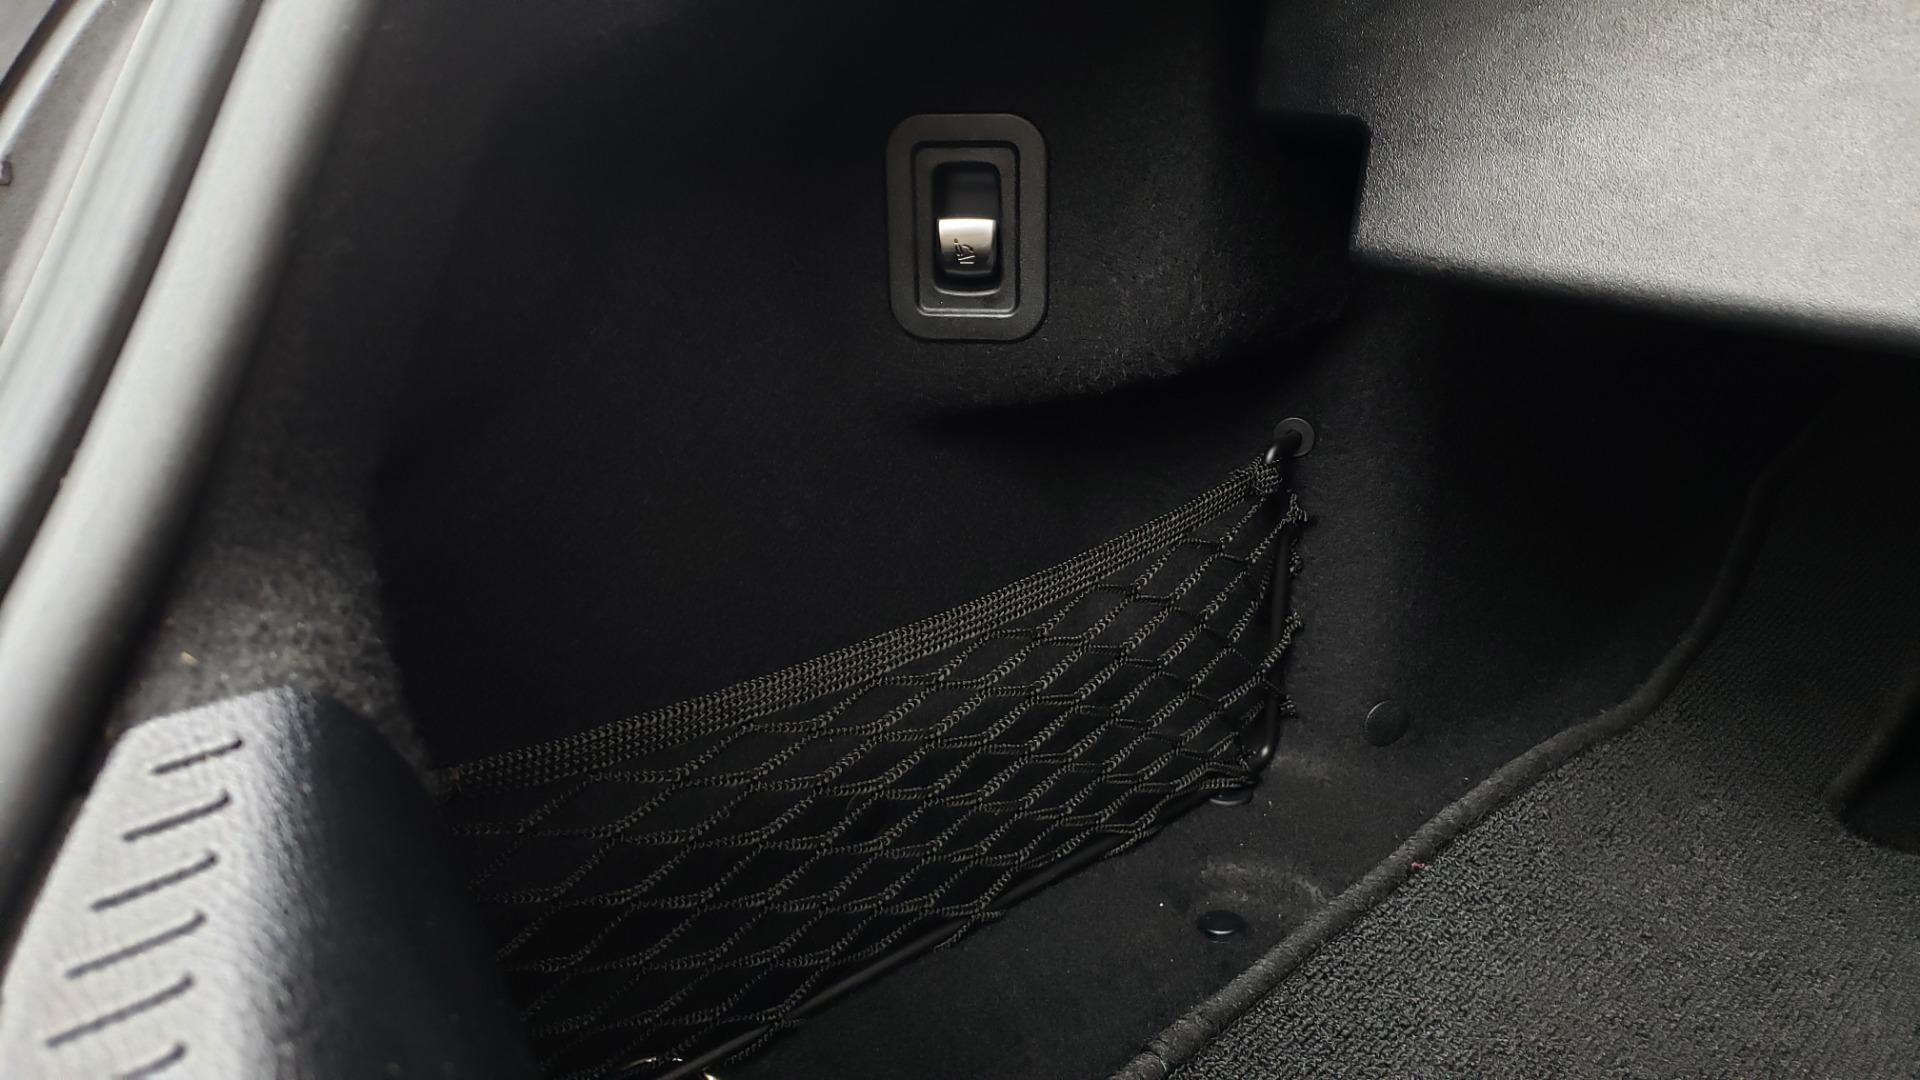 Used 2019 Mercedes-Benz C-CLASS C 300 CABRIOLET / PREM PKG / NAV / BURMESTER / MULTIMEDIA for sale Sold at Formula Imports in Charlotte NC 28227 65